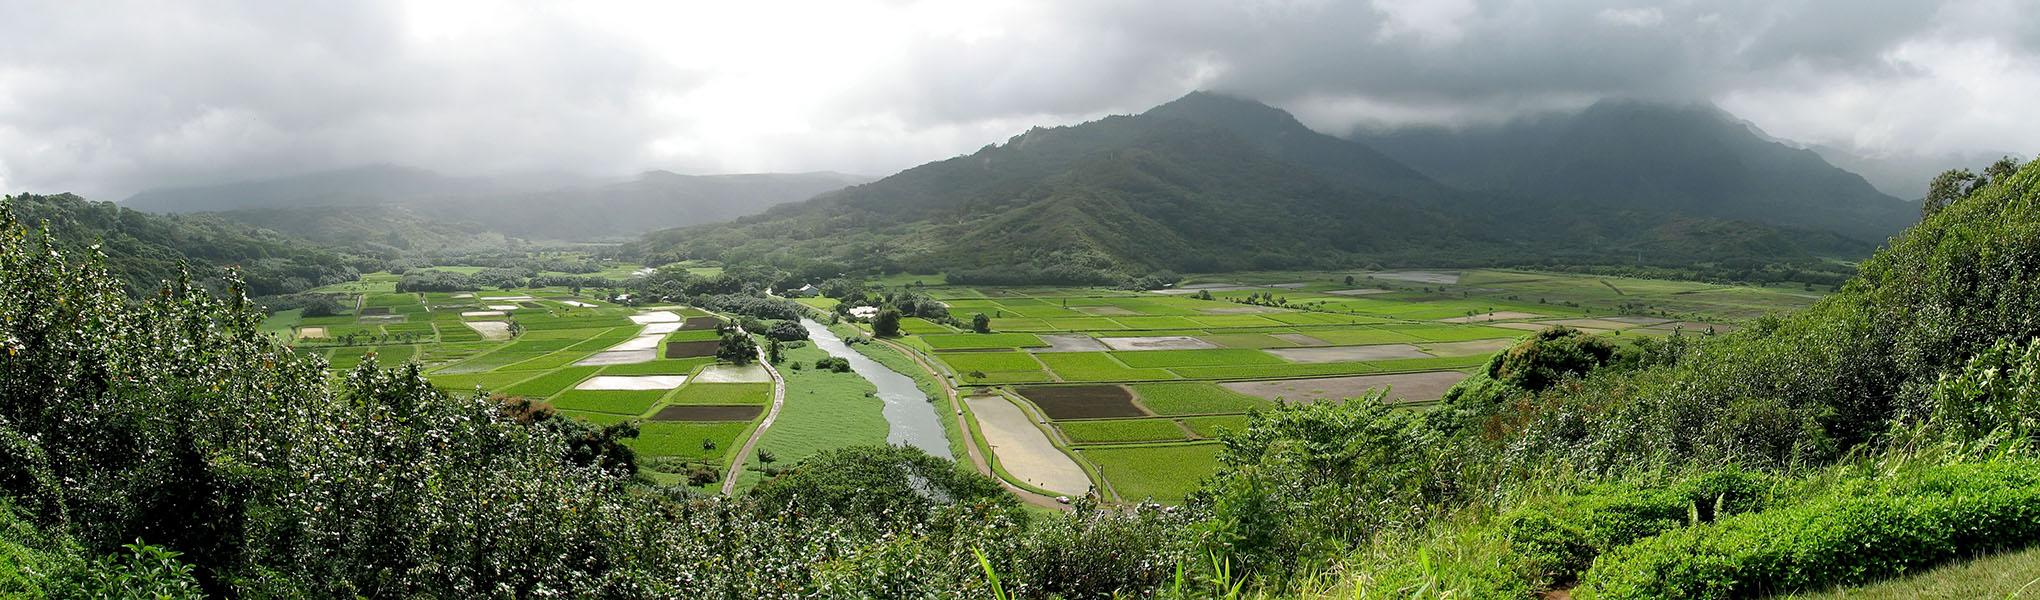 Hanalei Valley panorama [Hanalei Valley overlook, Princeville, Kaua'i, Hawaii]